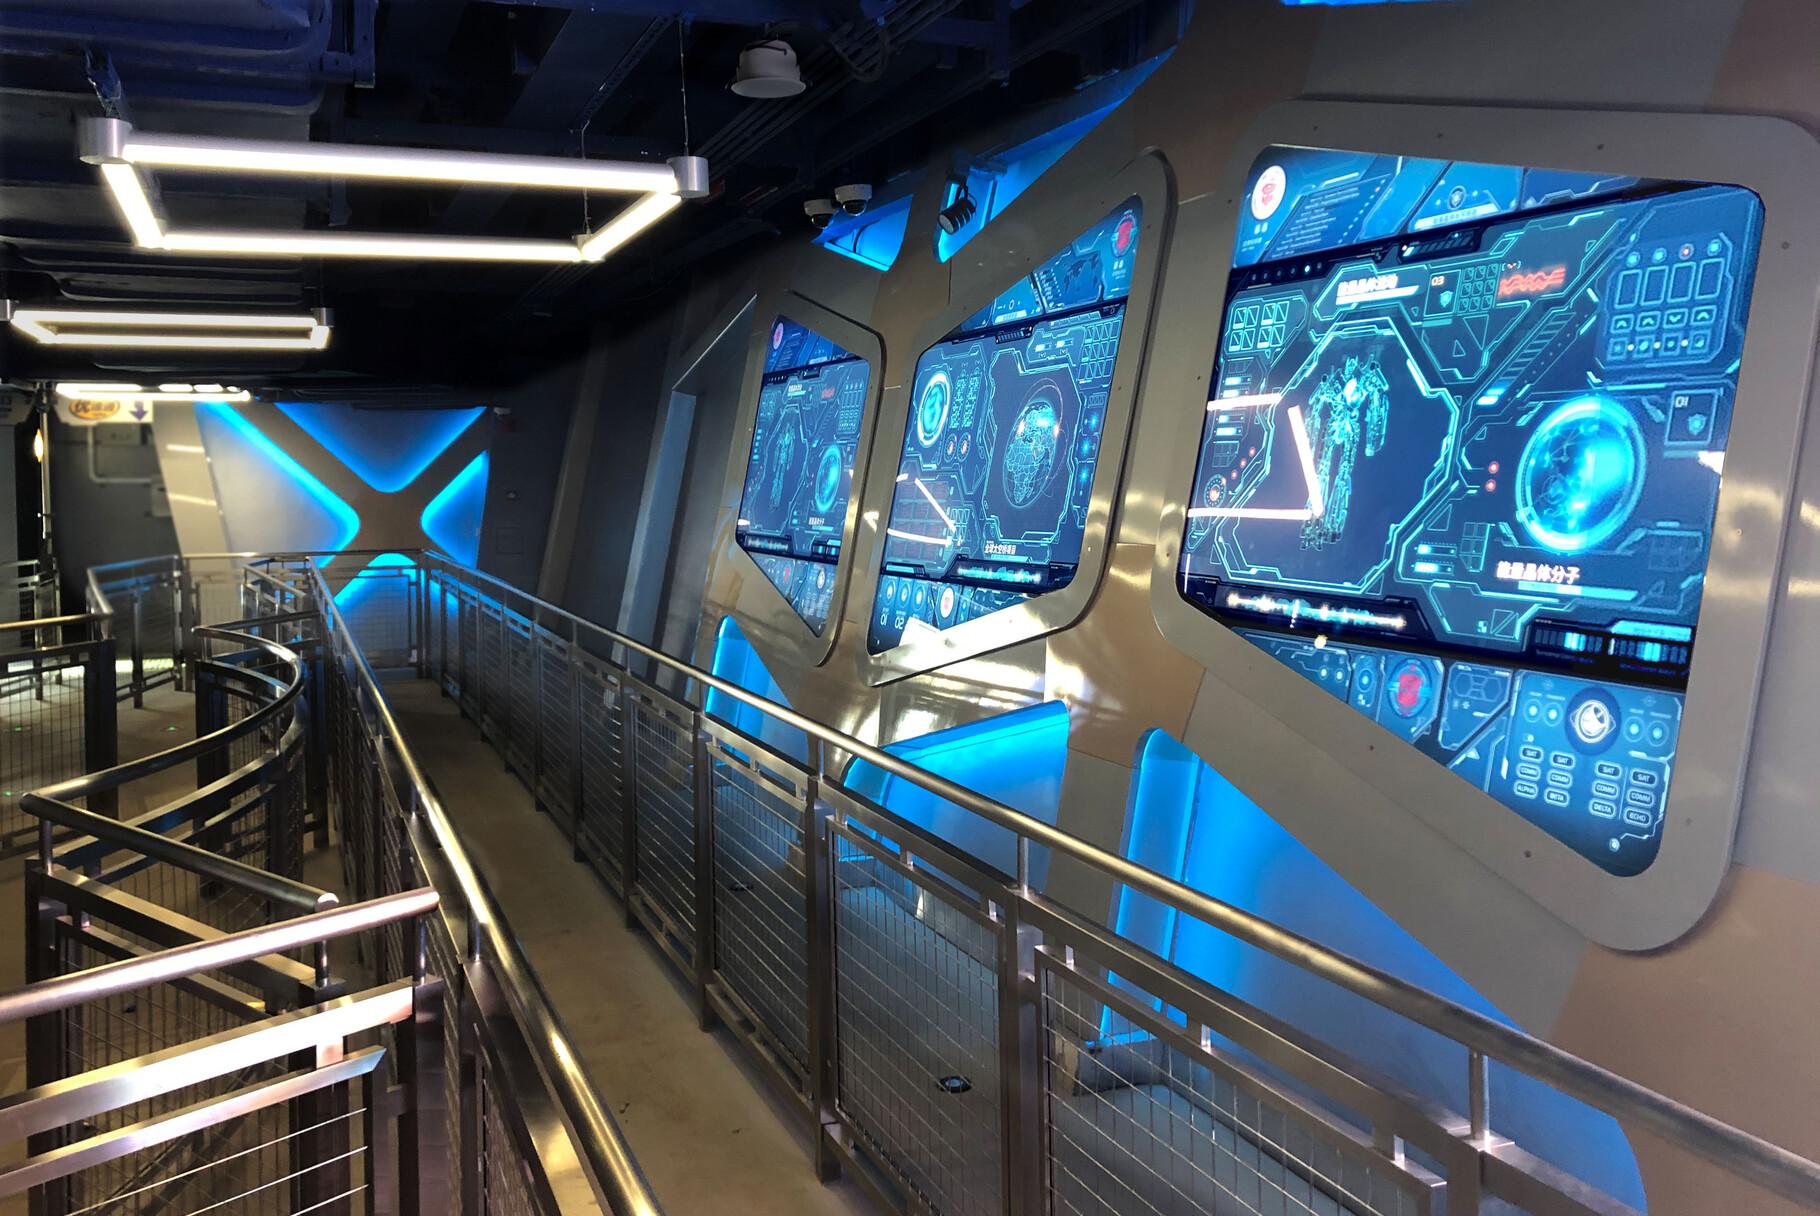 universal-studios-beijing-88376200.jpeg